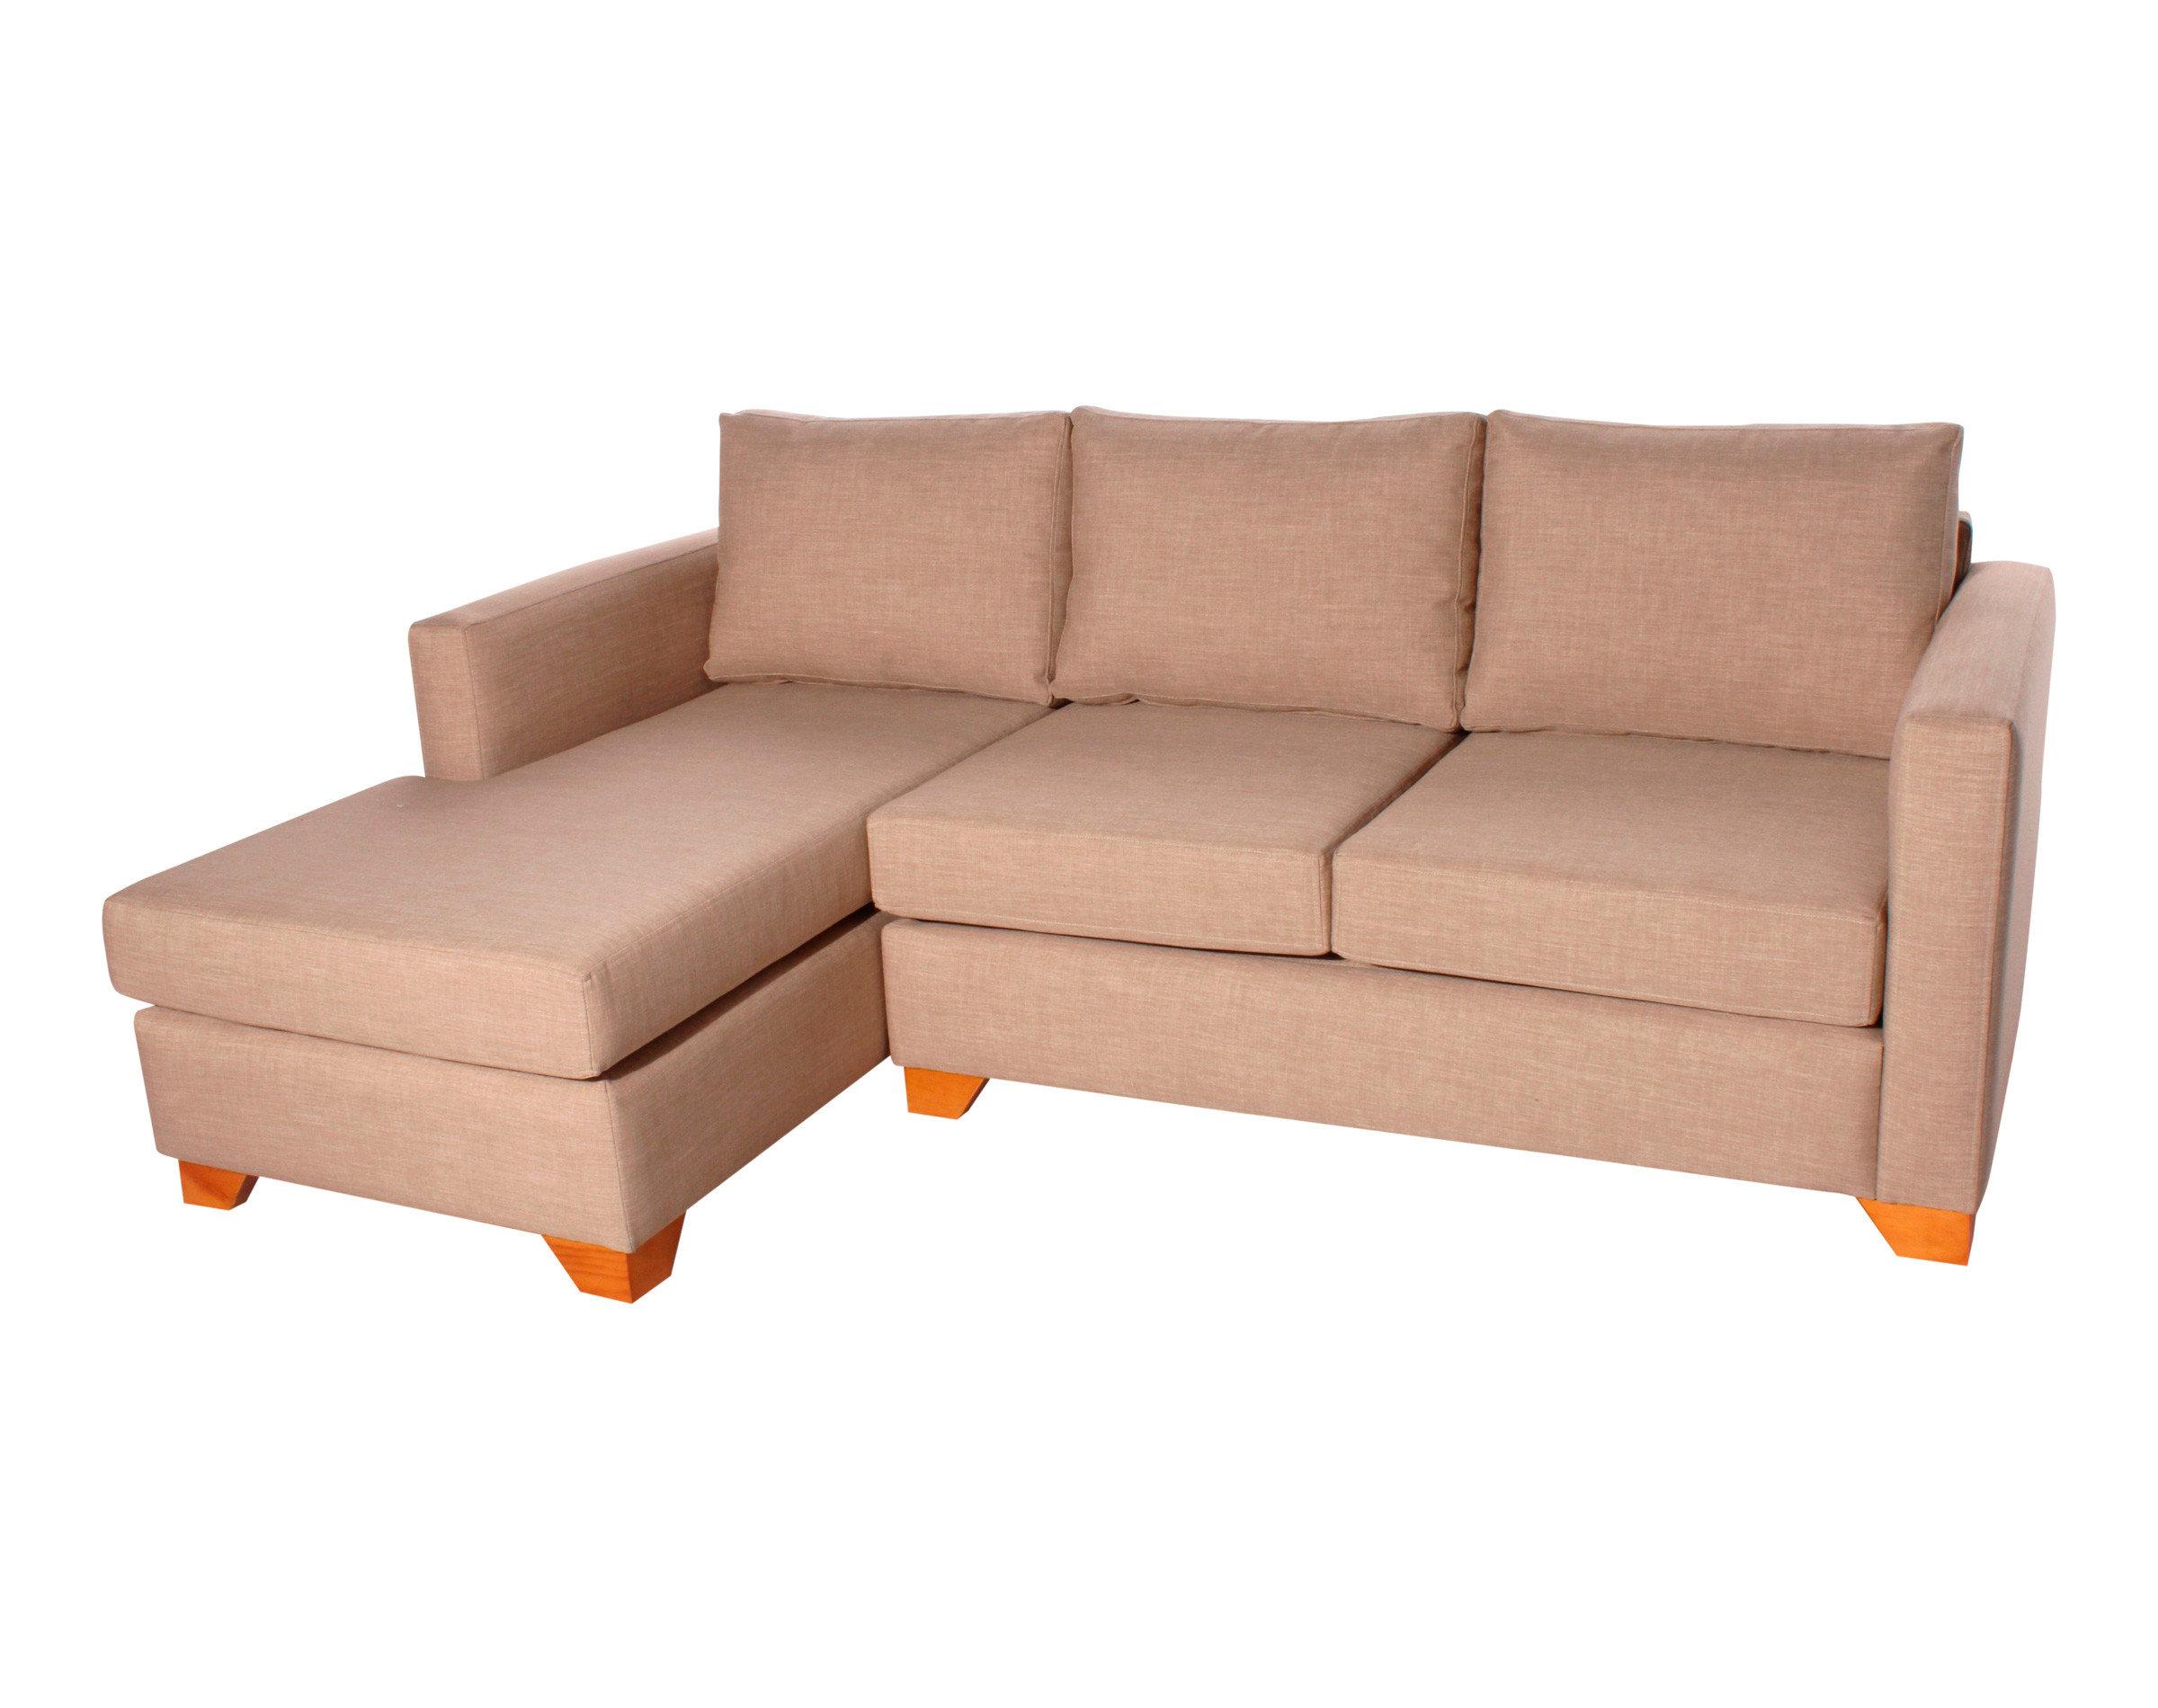 Sofa cama seccional izquierdo Bariloche 226x150cm iso